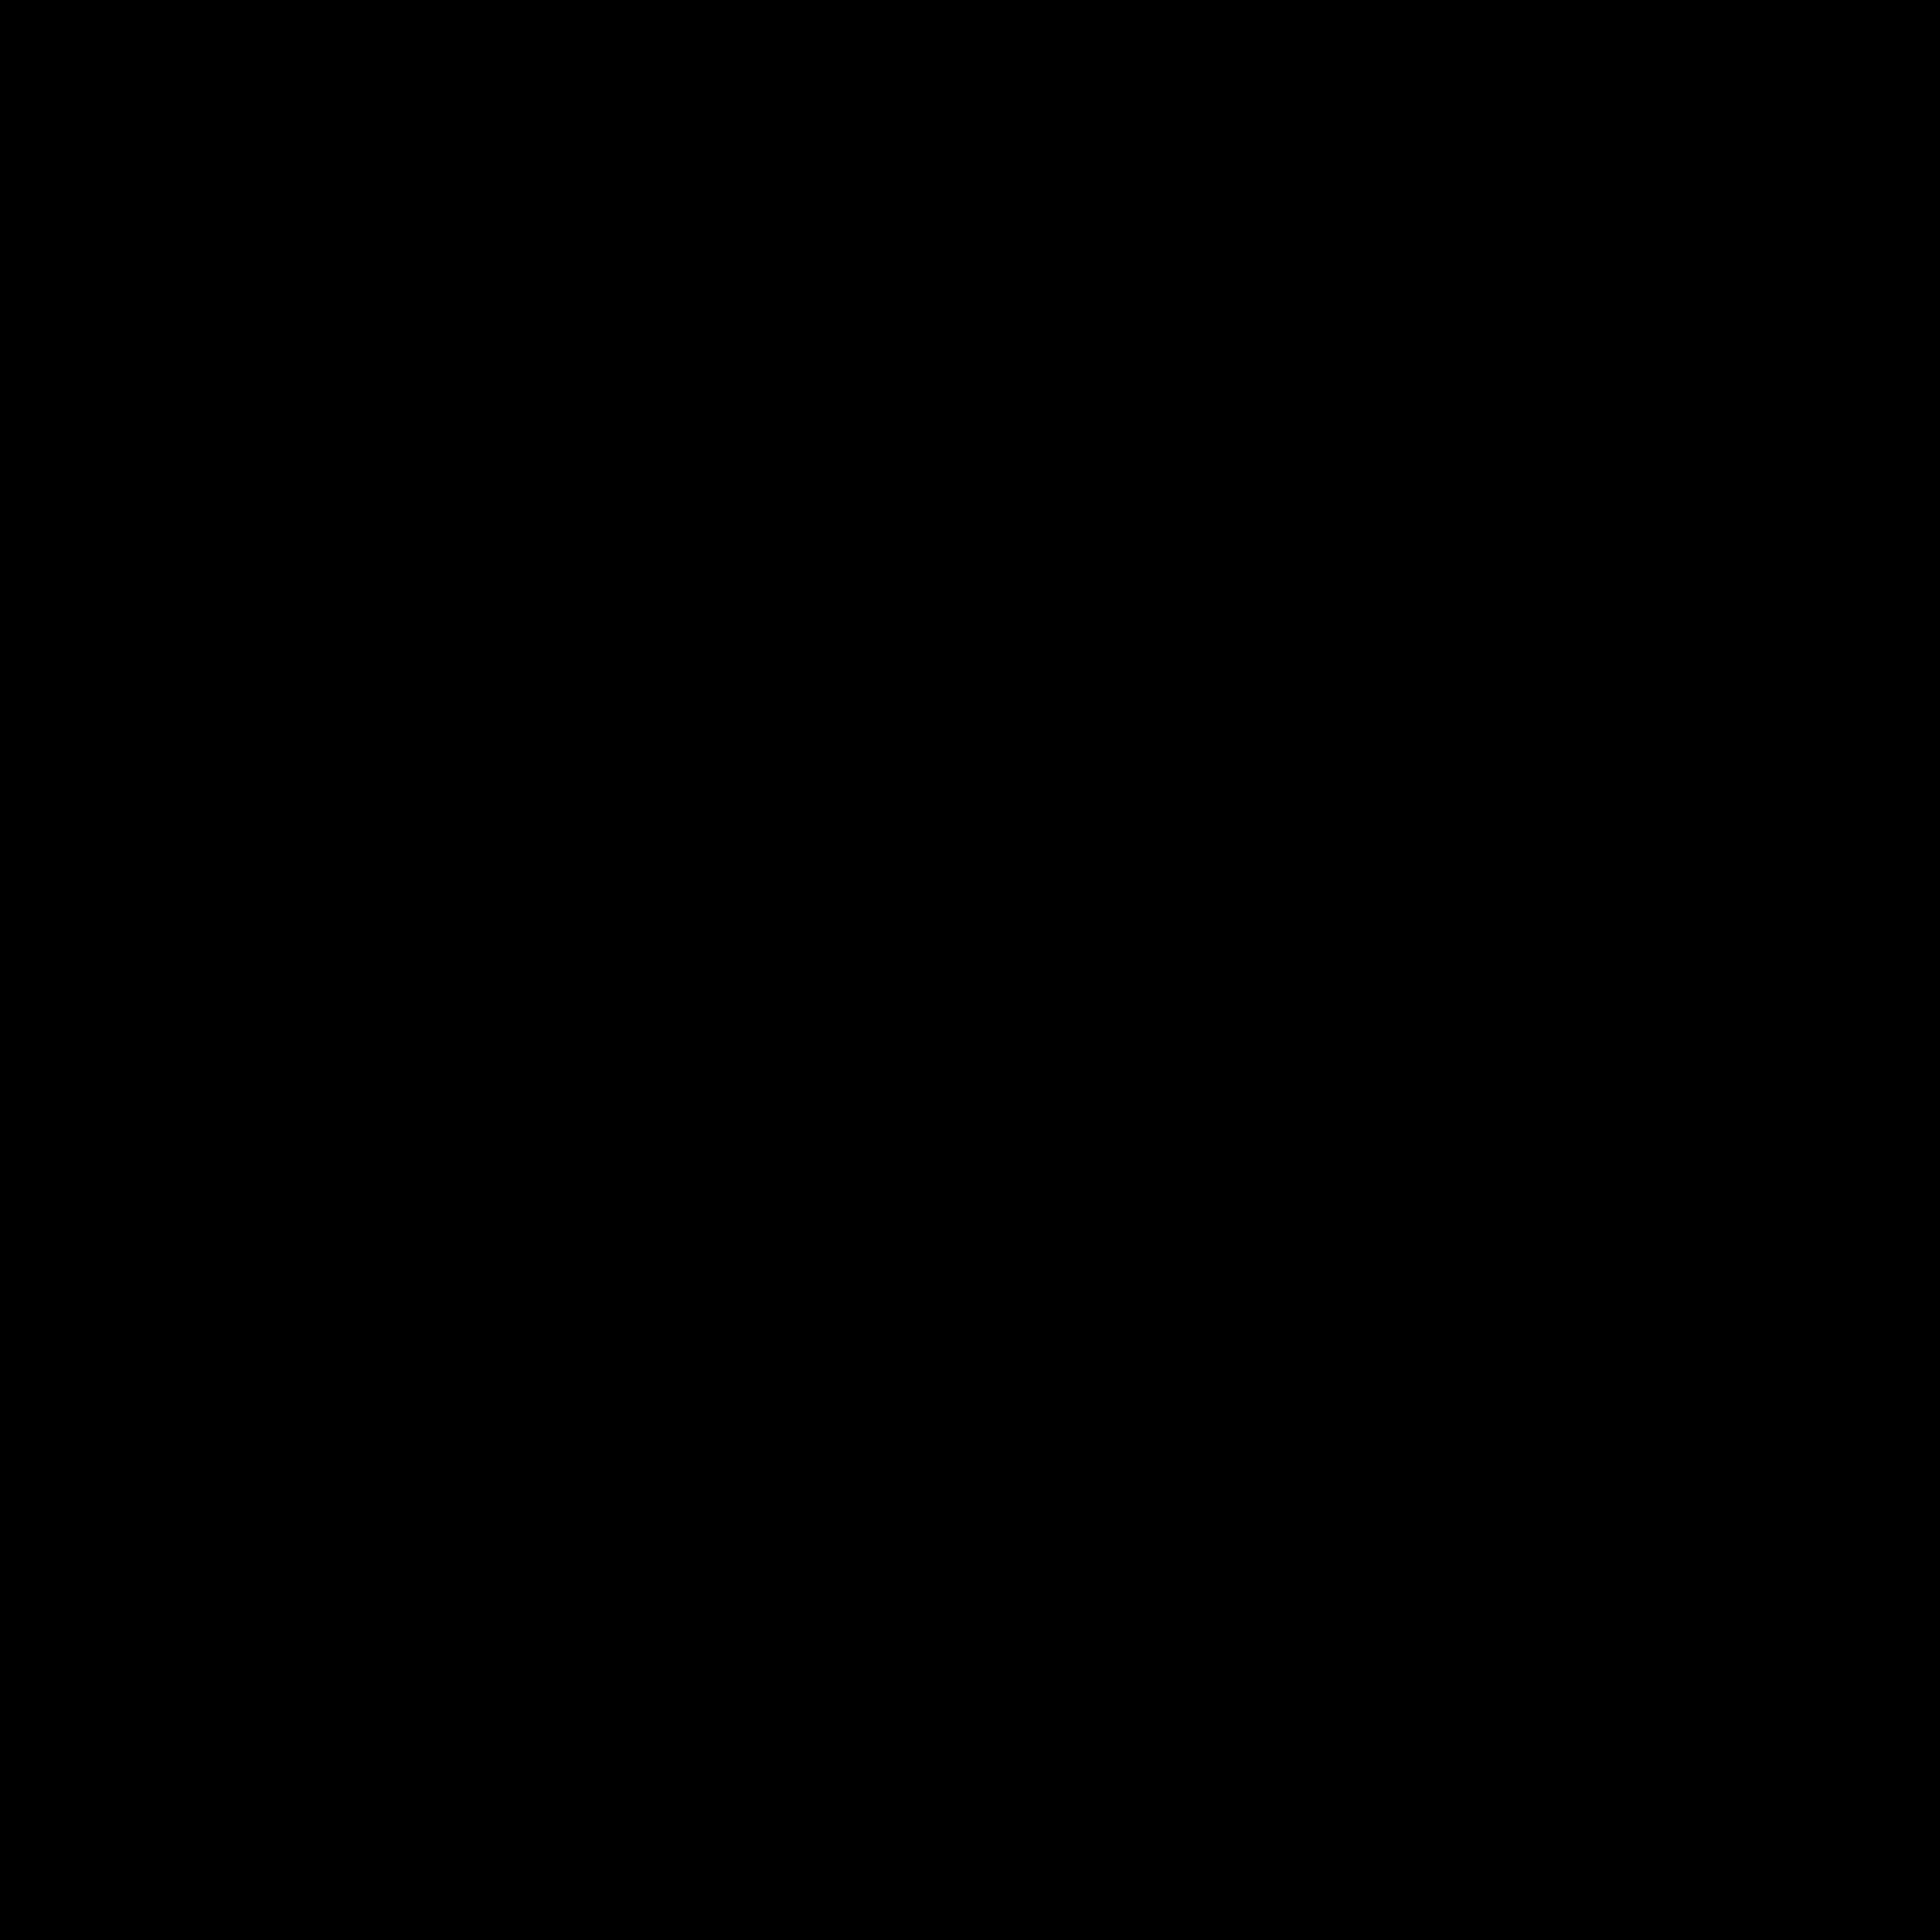 mistral-logo-png-transparent